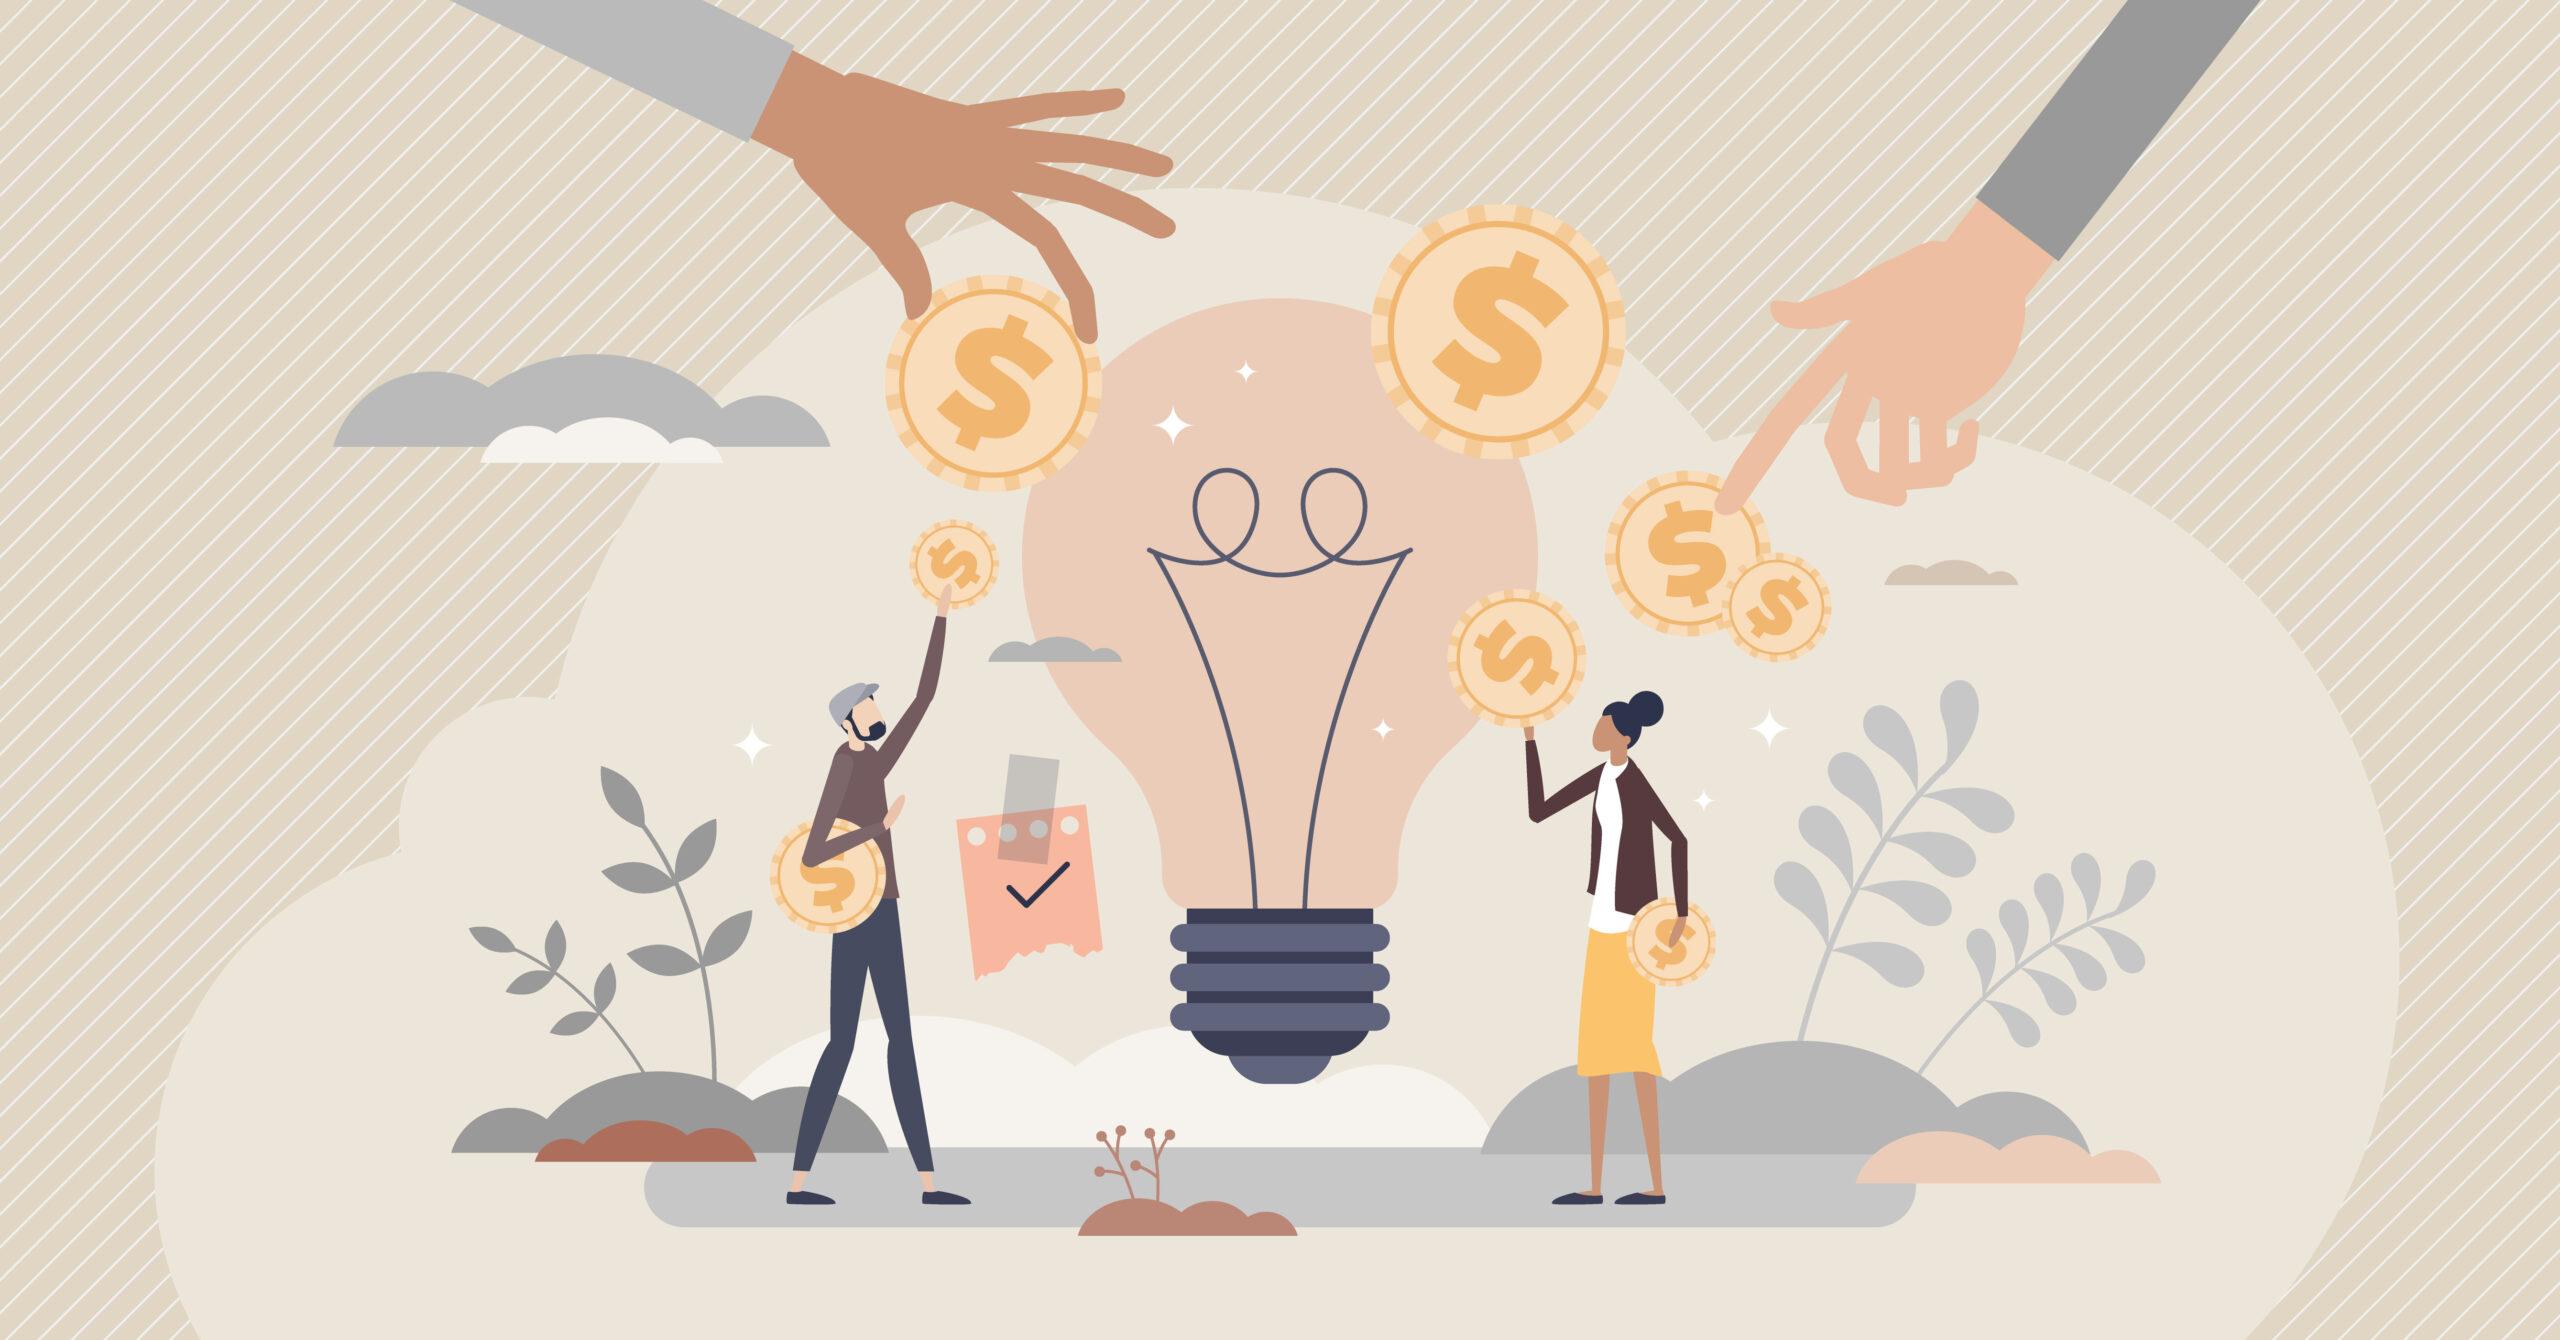 米国株投資で資産を増やしたい人が楽天経済圏を始めるべき理由